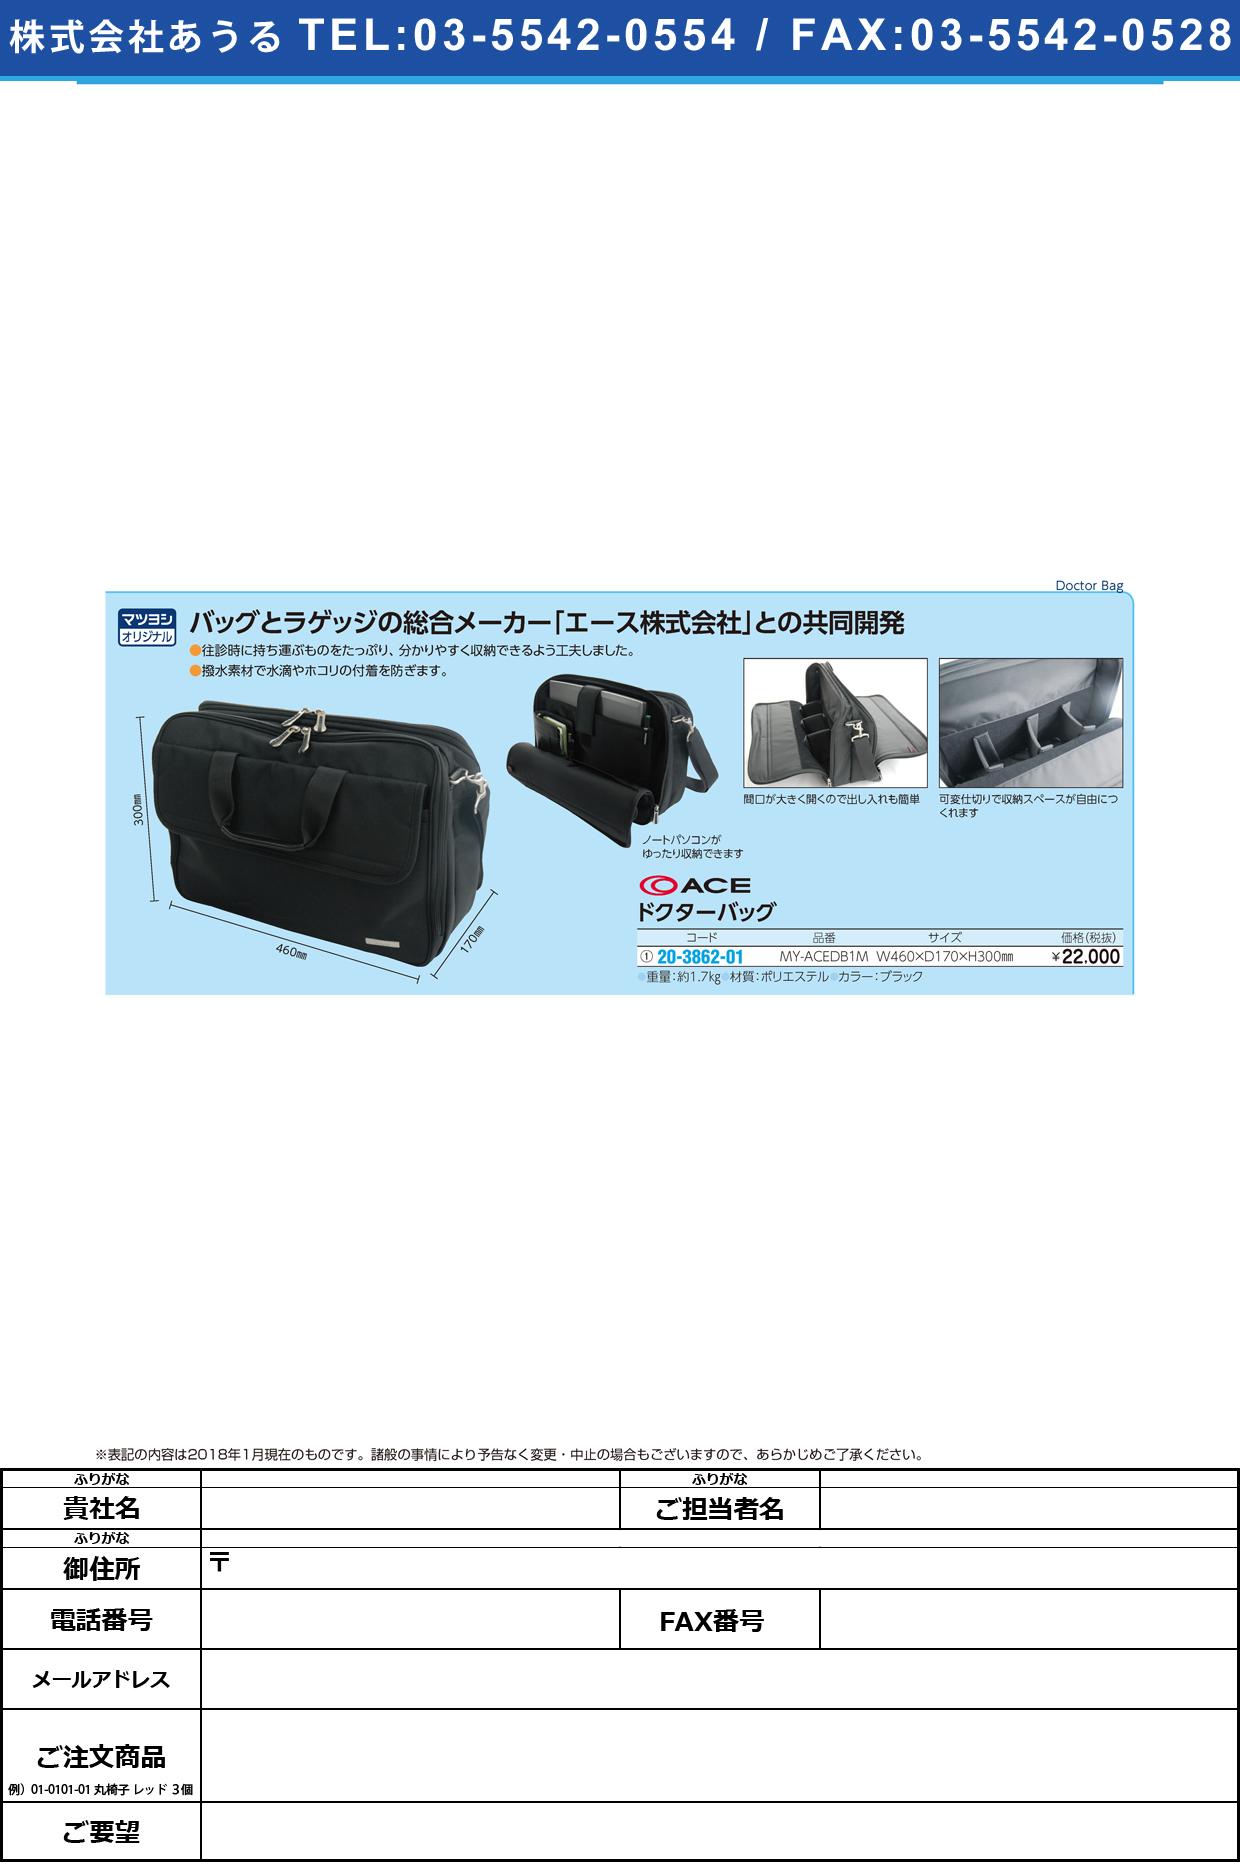 (20-3862-01)ドクターバッグ MY-ACEDB1M(Mサイズ) ドクターバッグ【1個単位】【2018年カタログ商品】